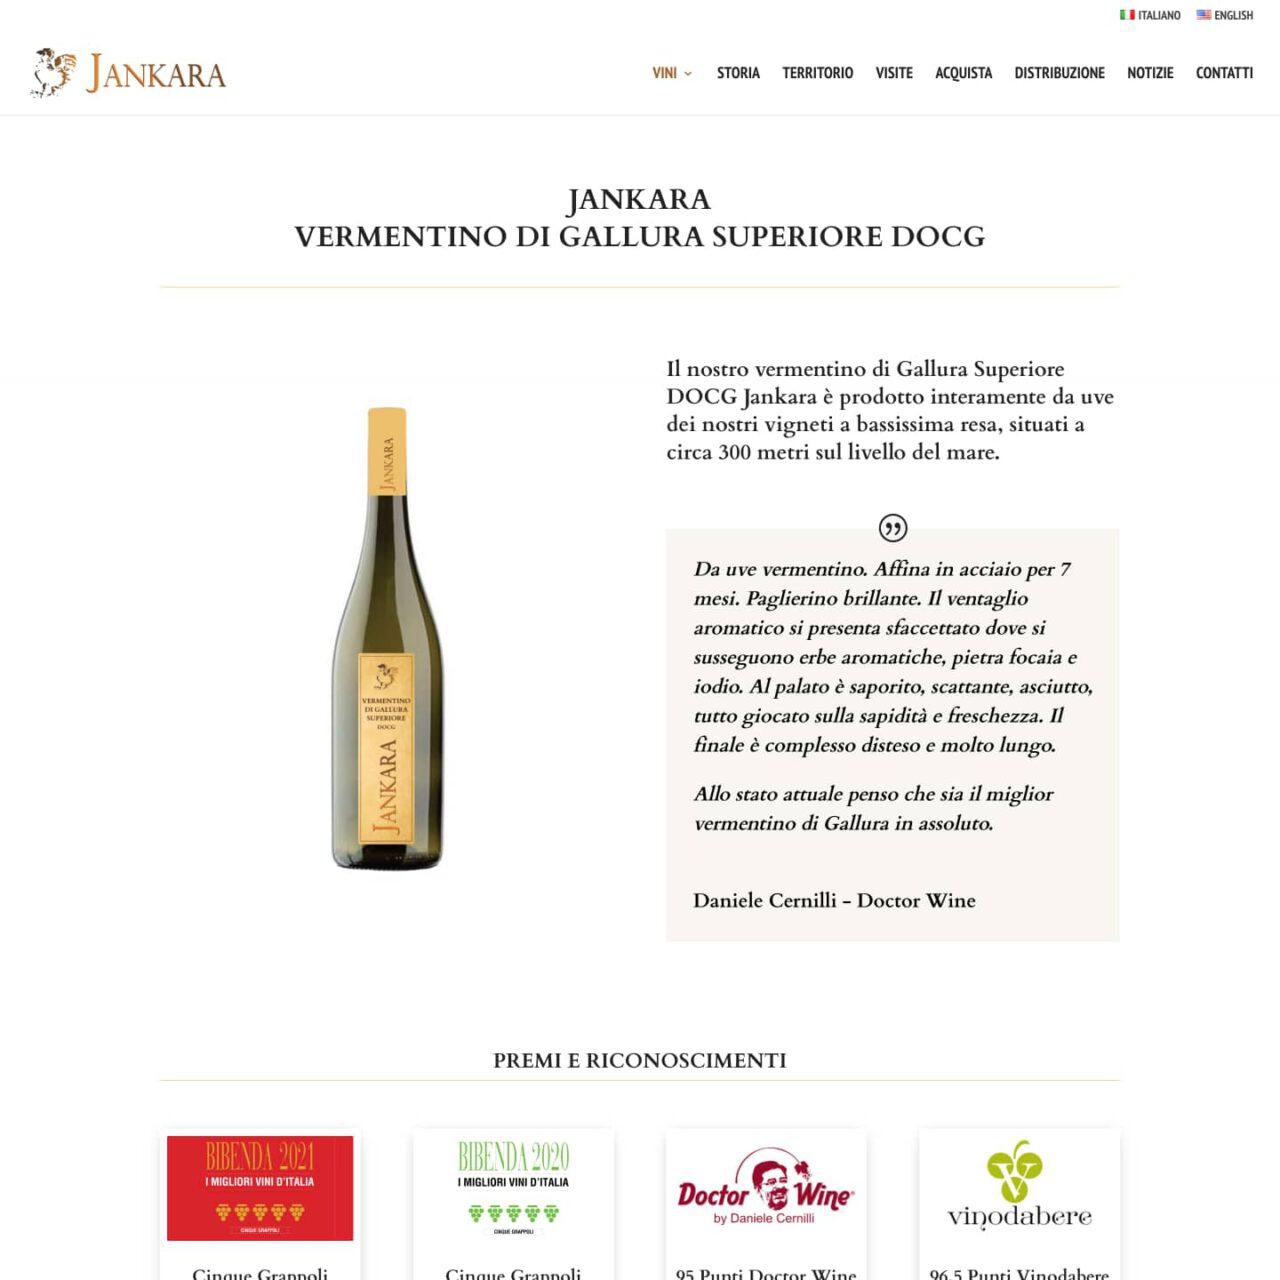 dettaglio sito Vini Jankara